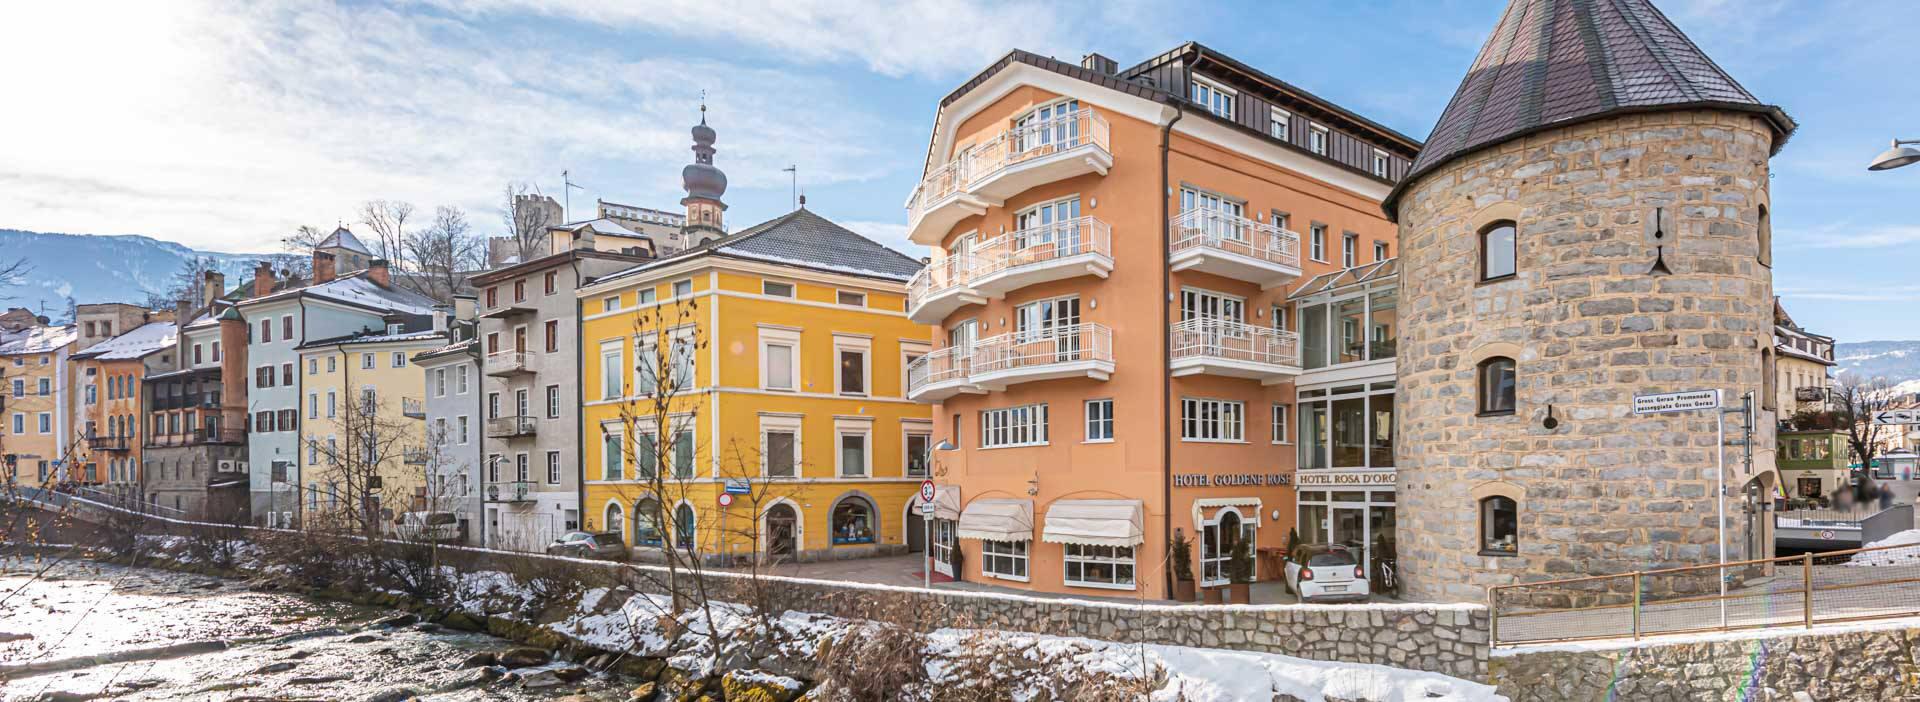 Hotel Goldene Rose